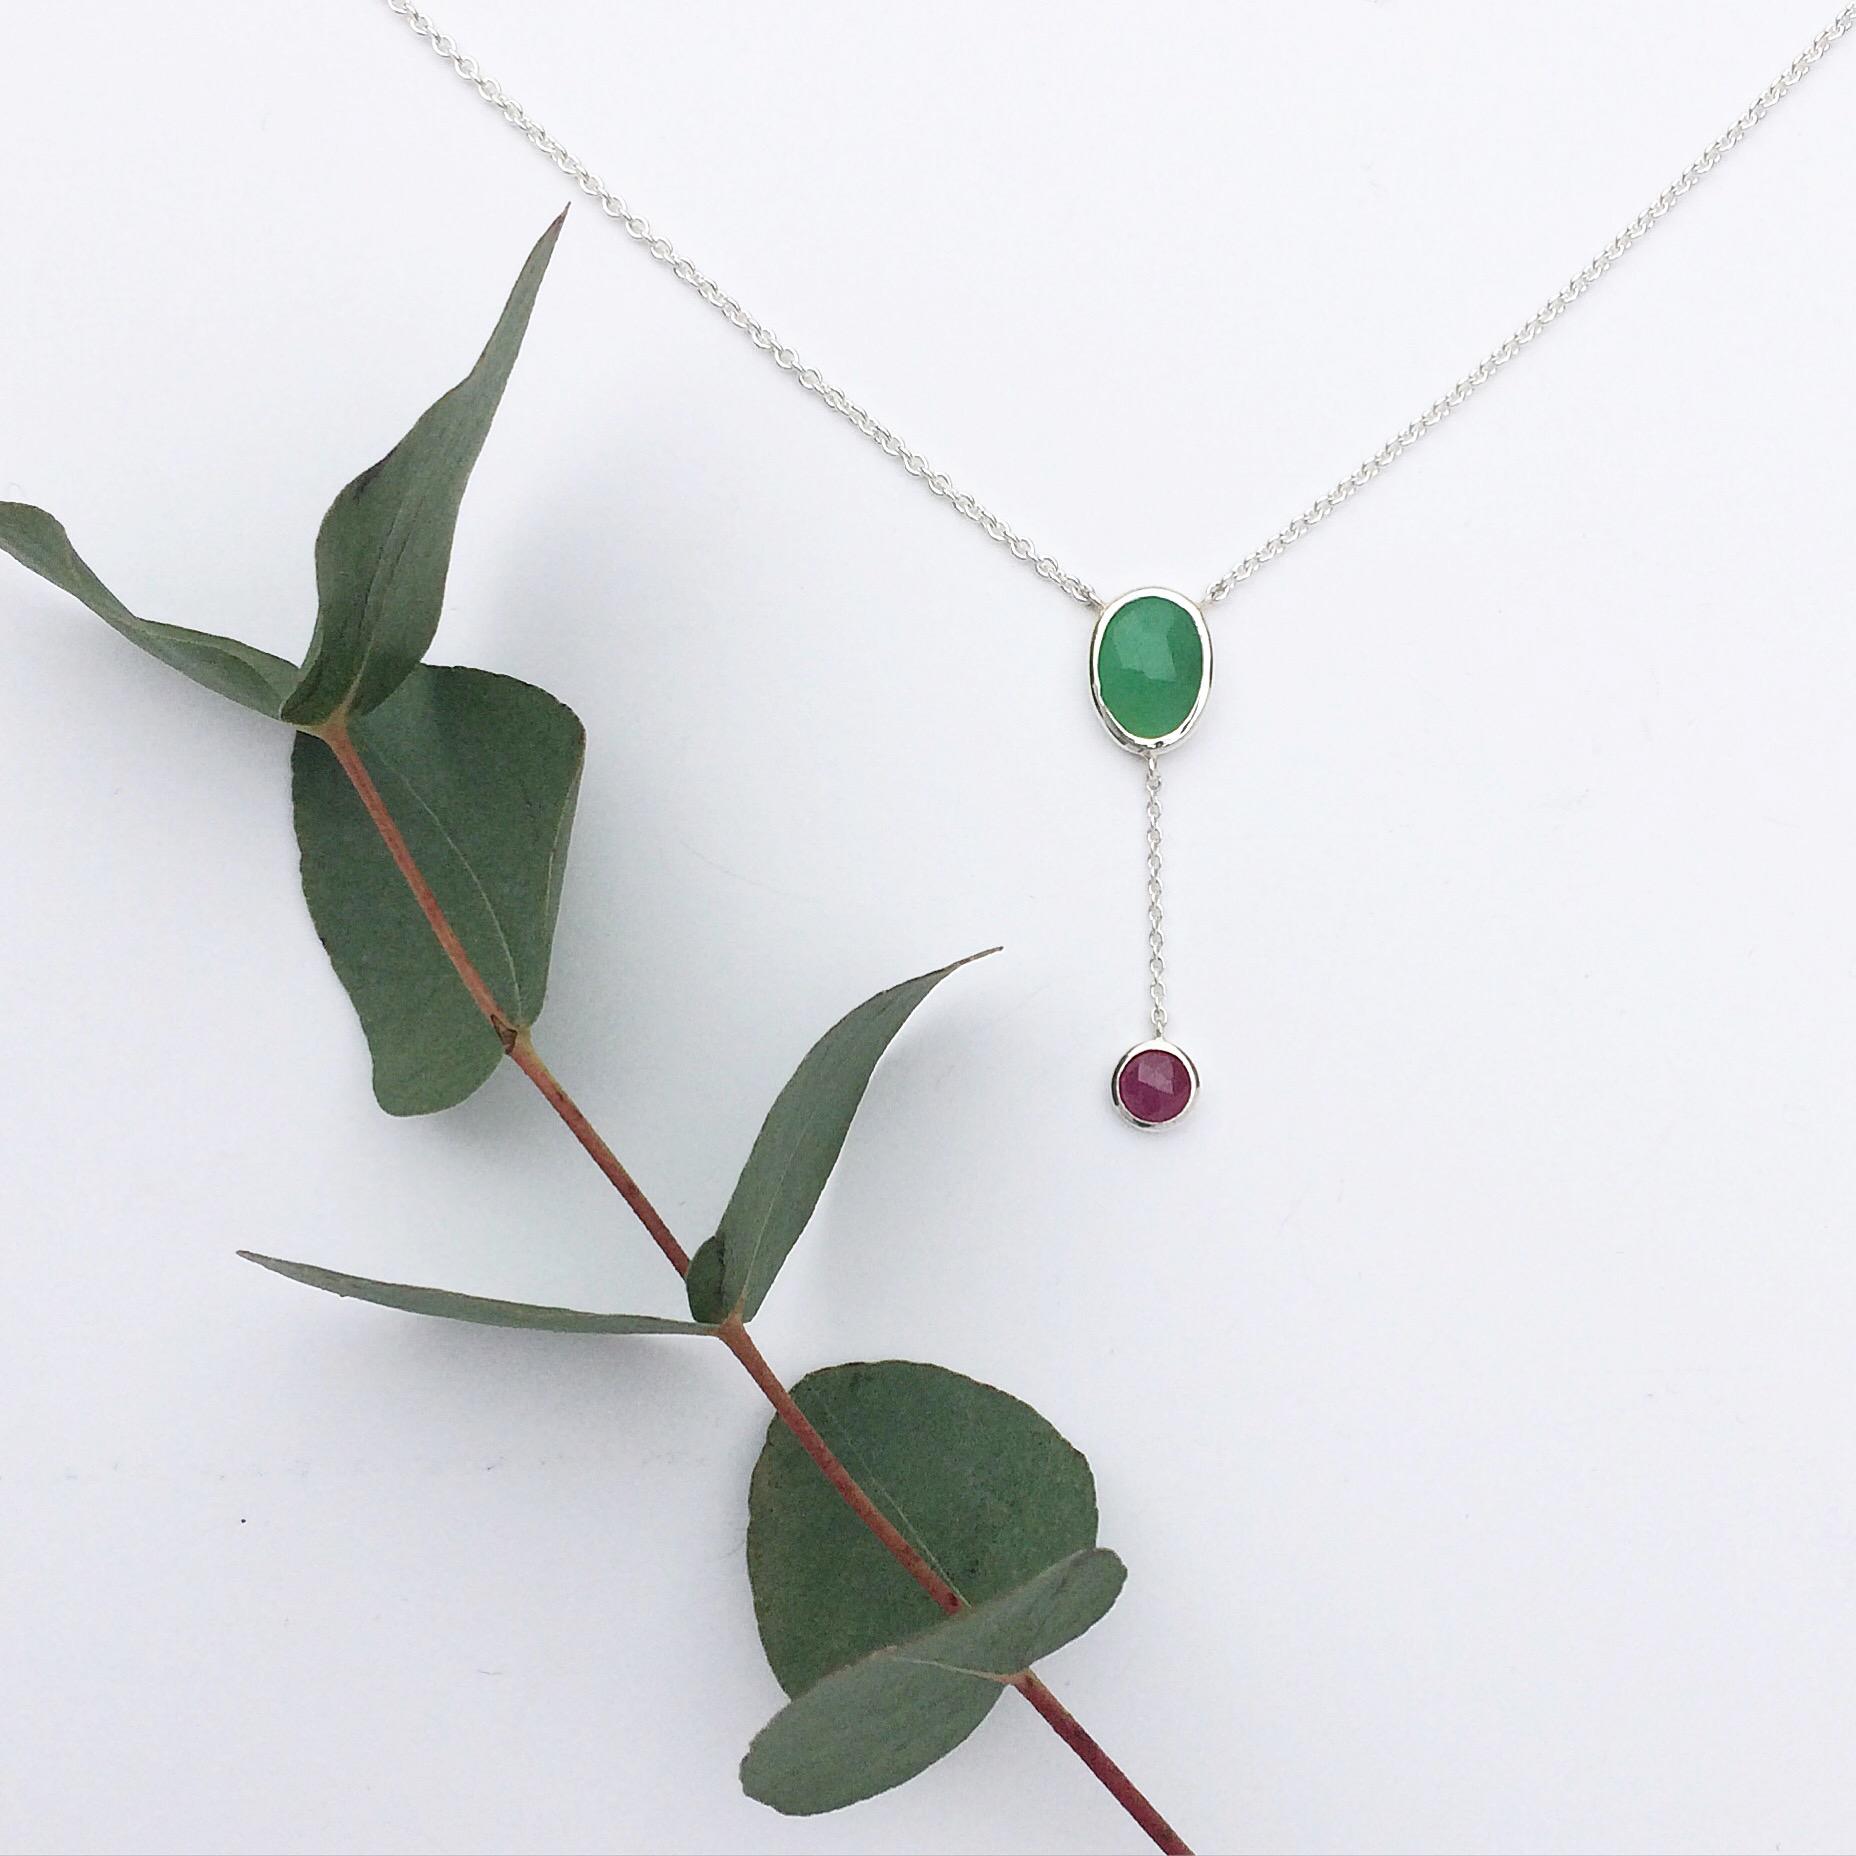 Lottie Jewellery